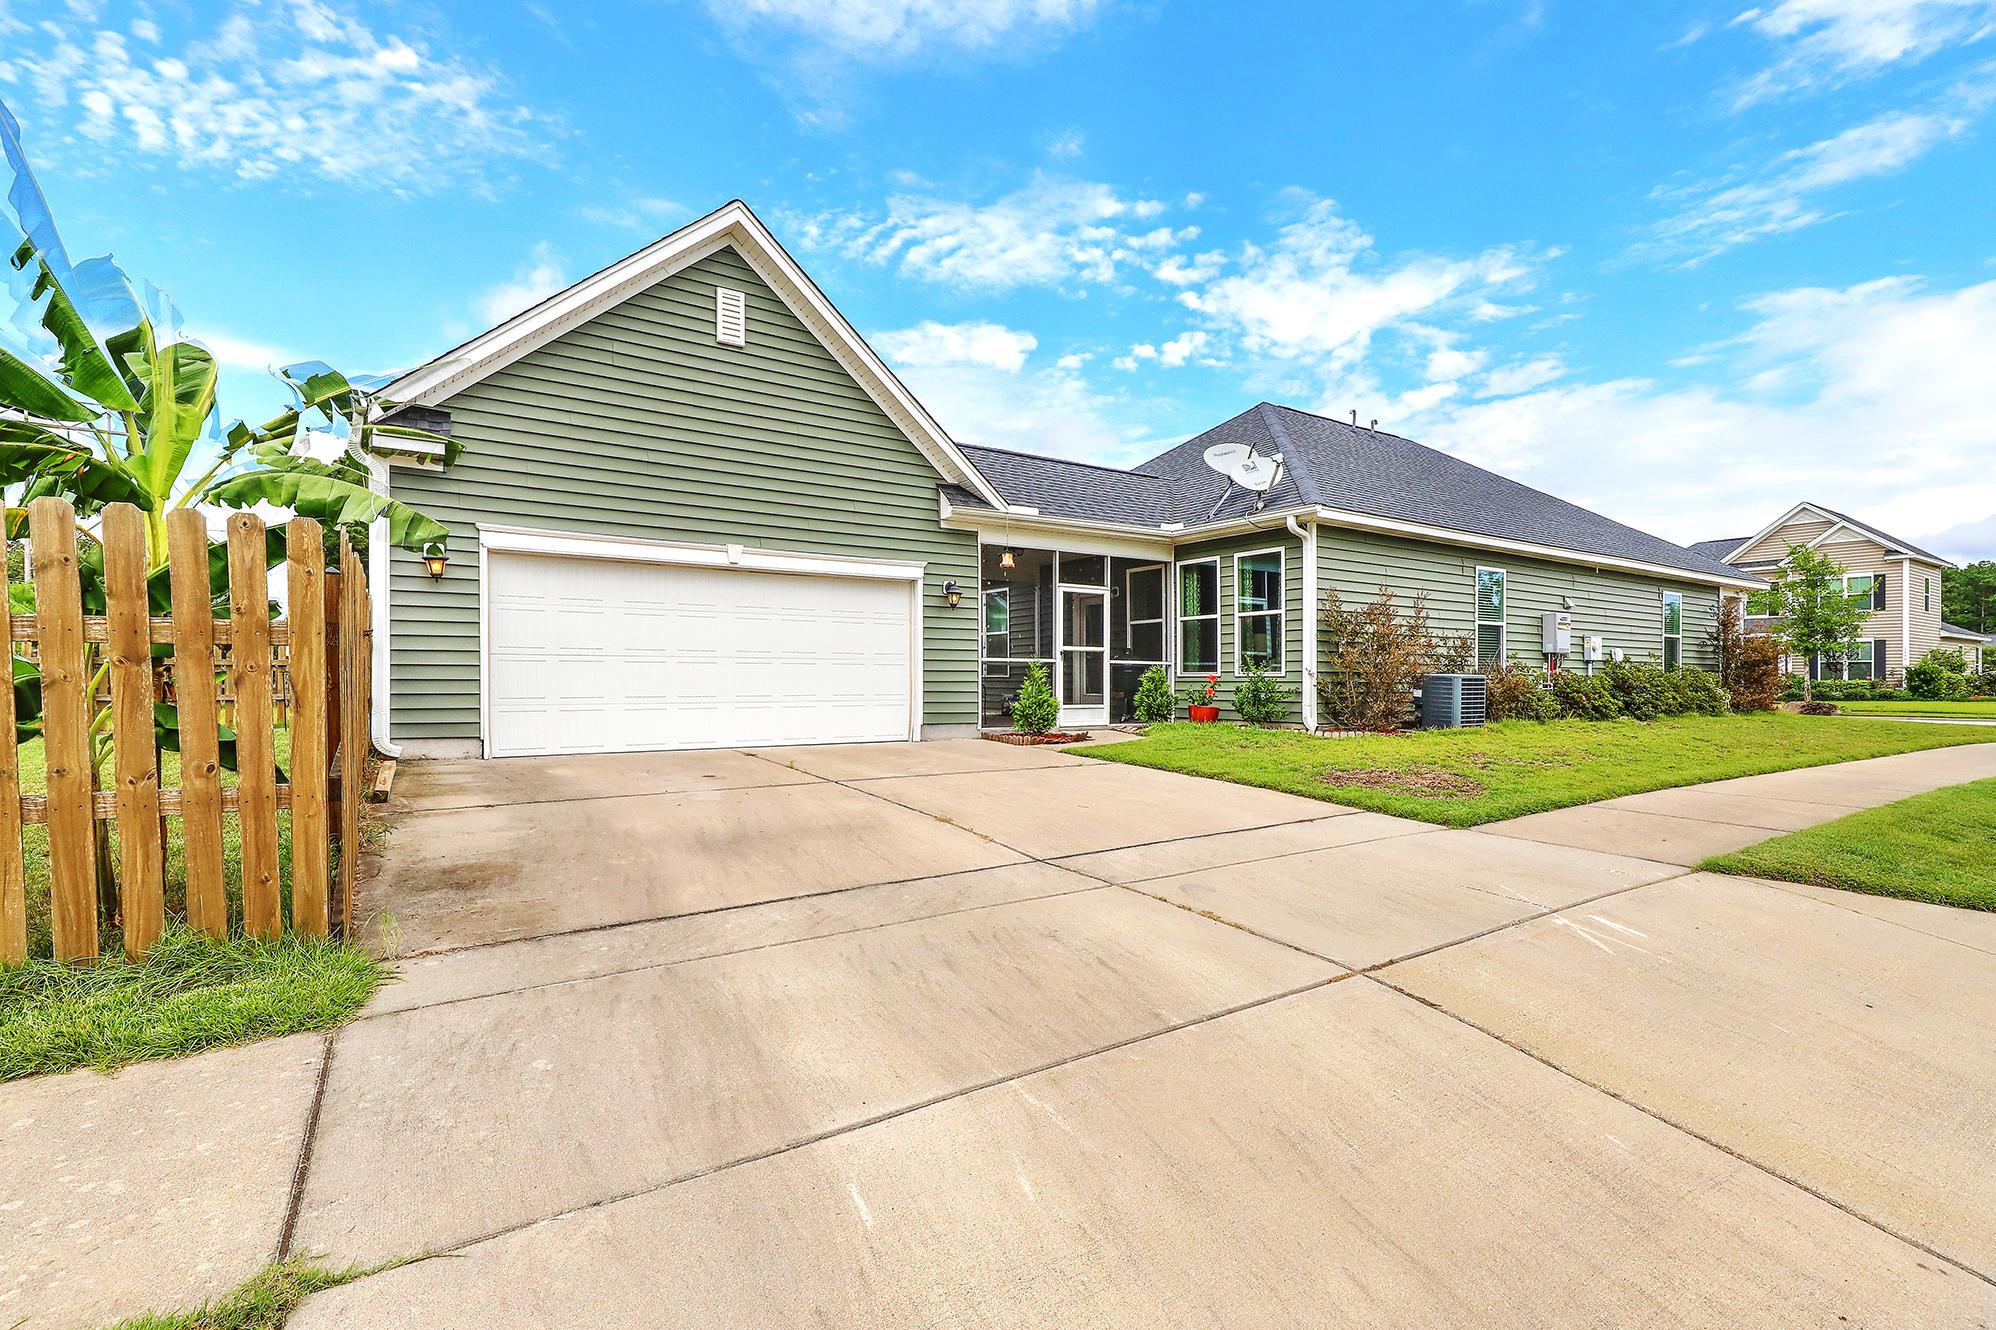 Boltons Landing Homes For Sale - 1589 Seabago, Charleston, SC - 0